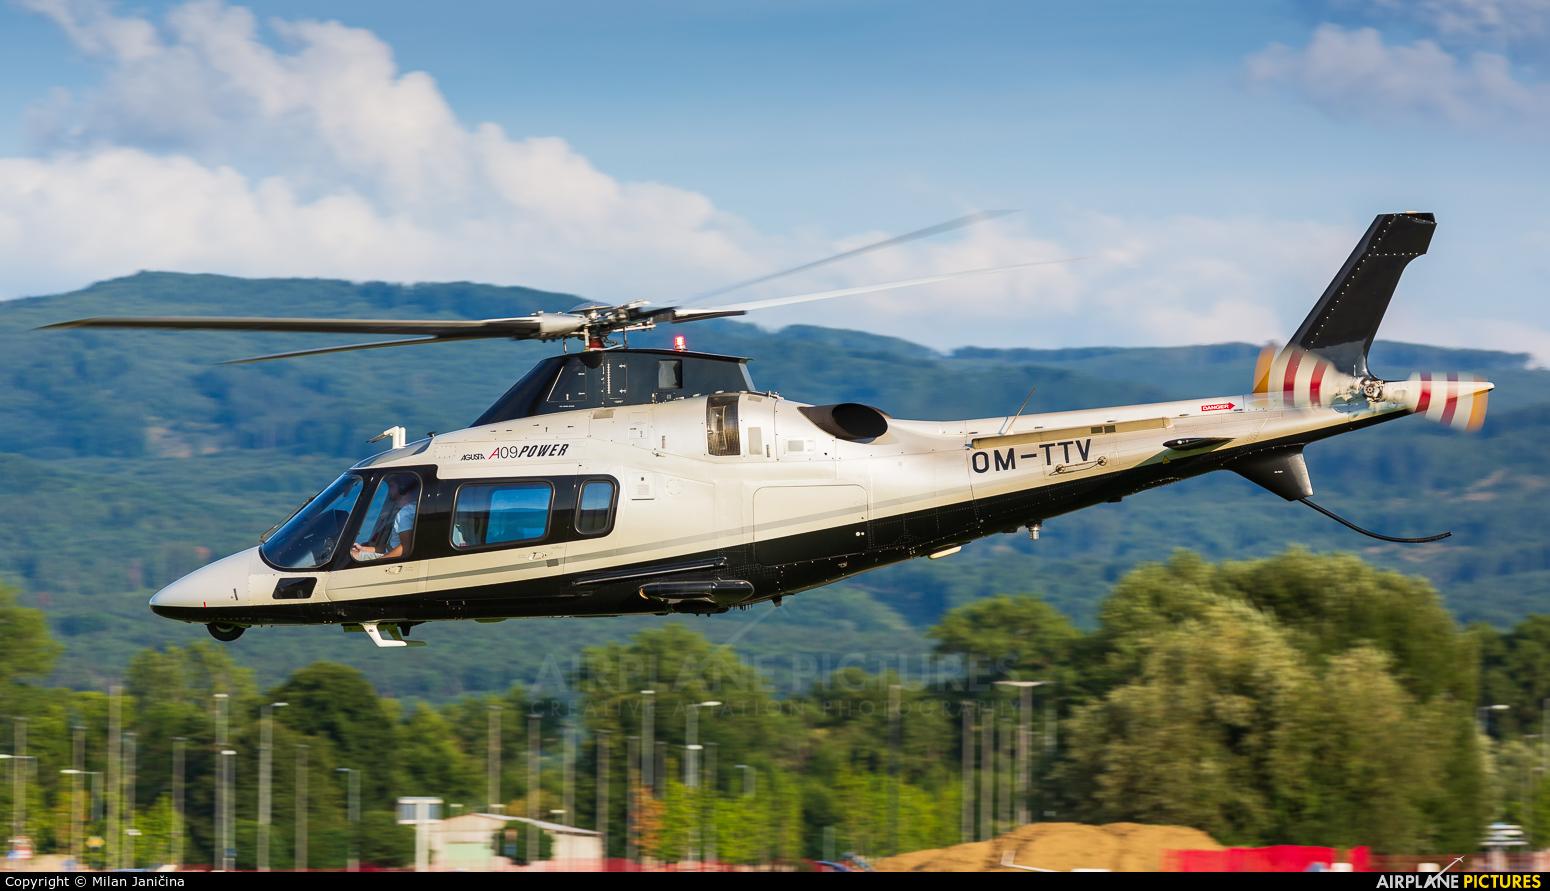 Tatra Jet Slovakia OM-TTV aircraft at Prievidza